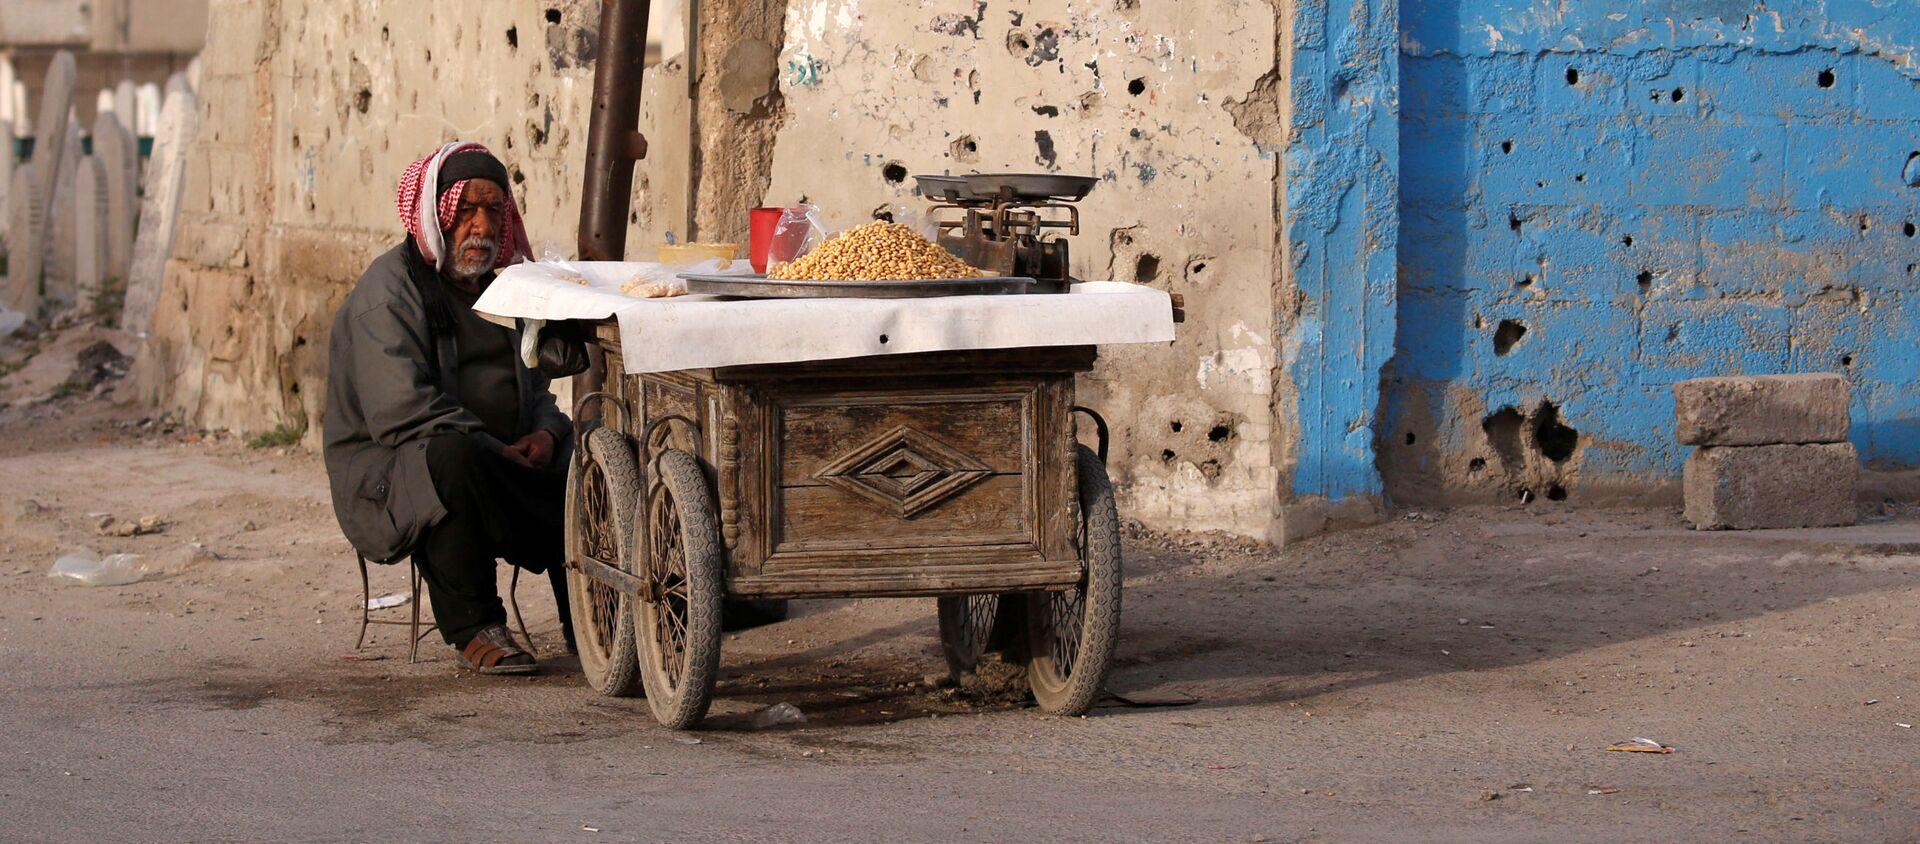 Уличный продавец в Думе, пригороде Дамаска, Сирия - Sputnik Абхазия, 1920, 08.06.2021